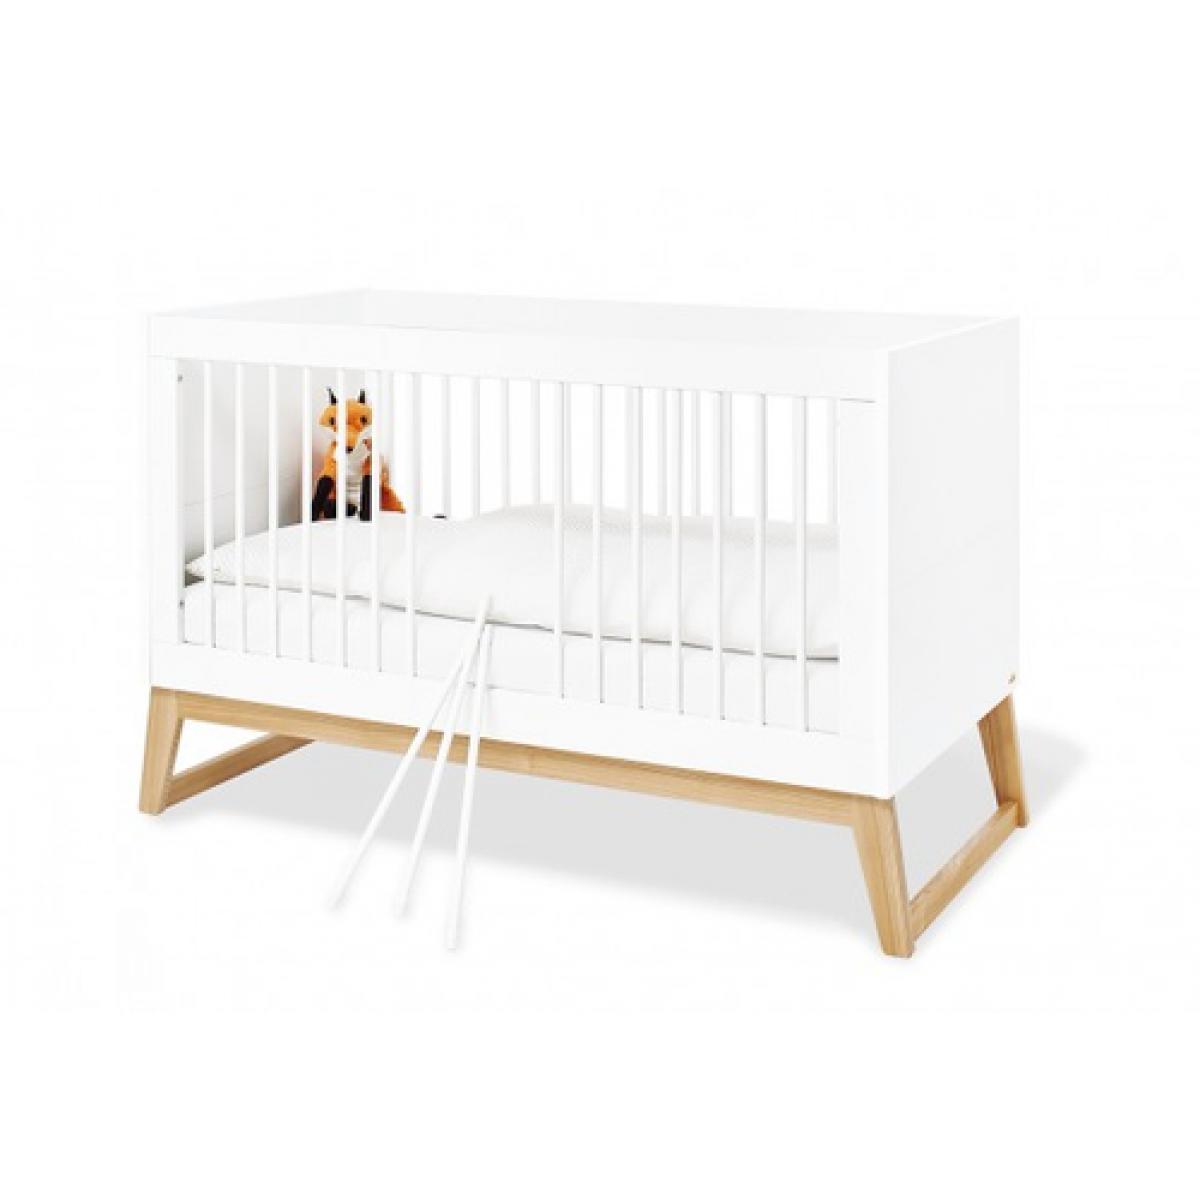 Pinolino Pinolino Ensemble Economique Bridge large 2 pièces lit de bébé évolutif commode à langer large